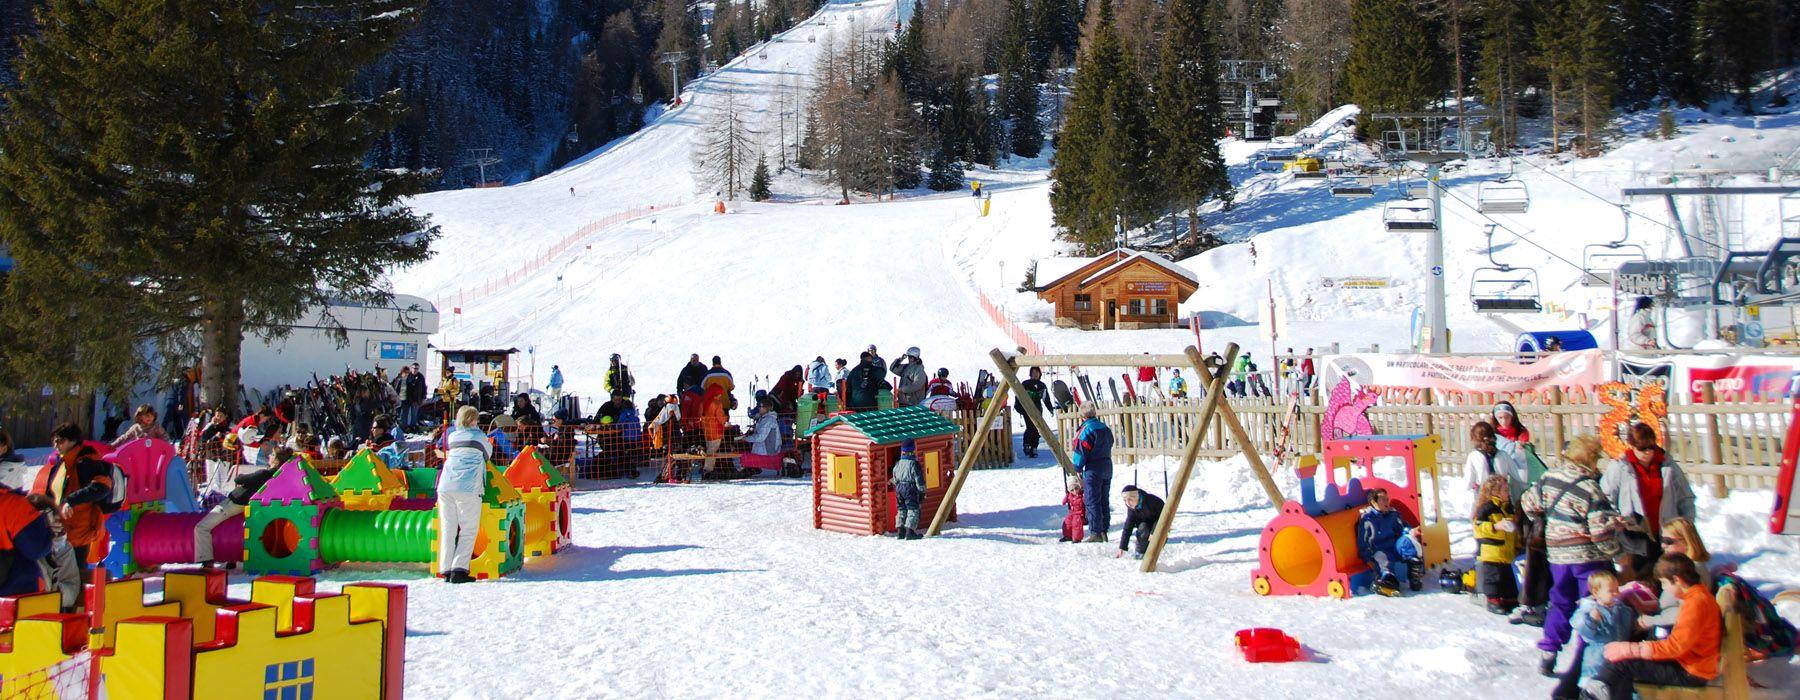 parco-giochi-sulla-neve-predazzo-val-di-fiemme-trentino-1